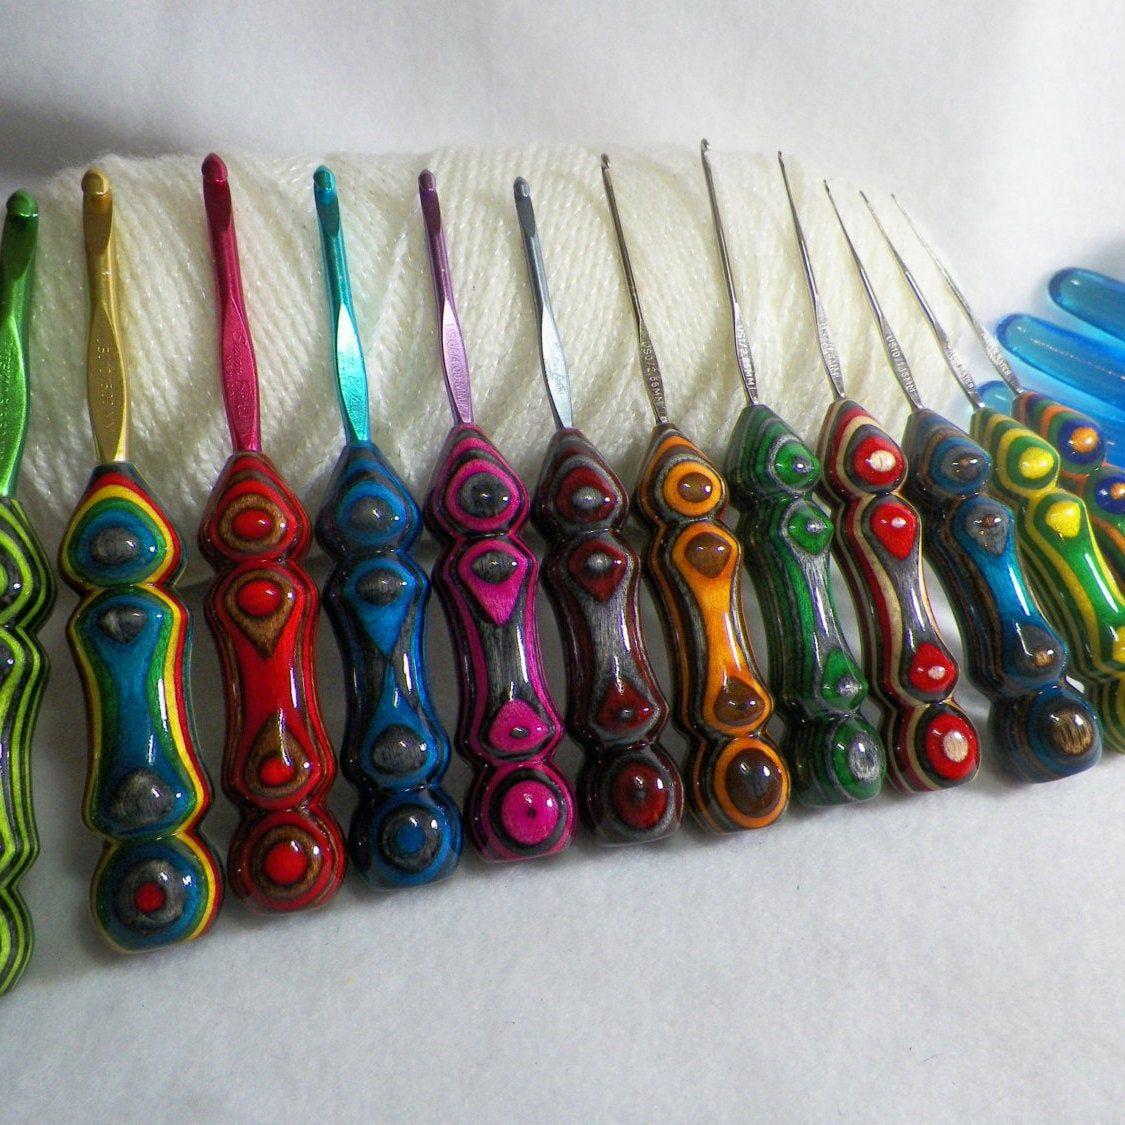 OOAK Crochet Hook Boye Crochet Hook Steel Crochet Hook Thread Crochet Hook Boye Thread Crochet Hook Size 9 Crochet Hook Crochet Hook